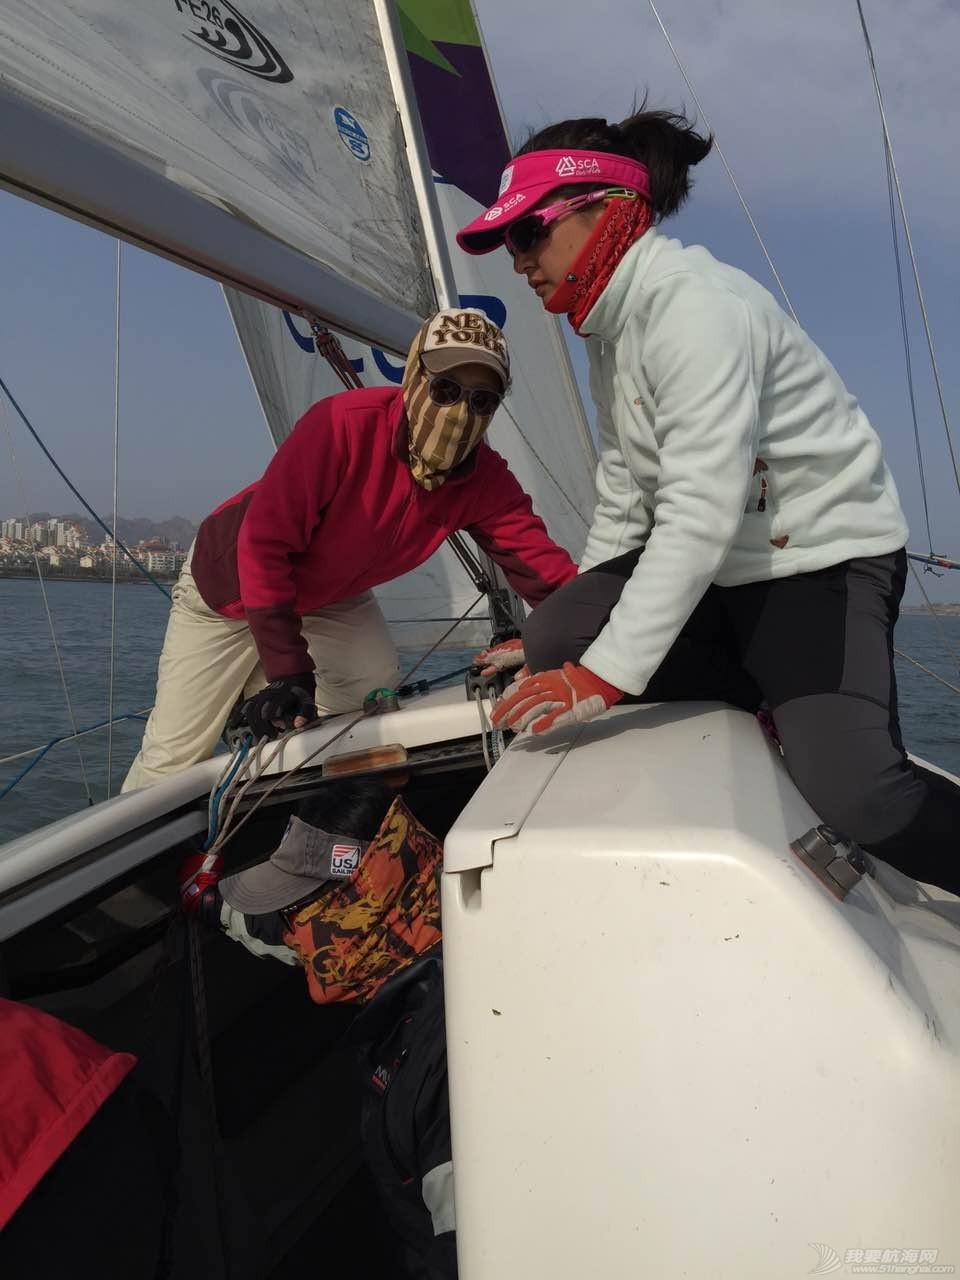 风景线,中国,青岛,帆船,照片 【20150417期:青帆协女子帆船队】 IMG_8113.JPG